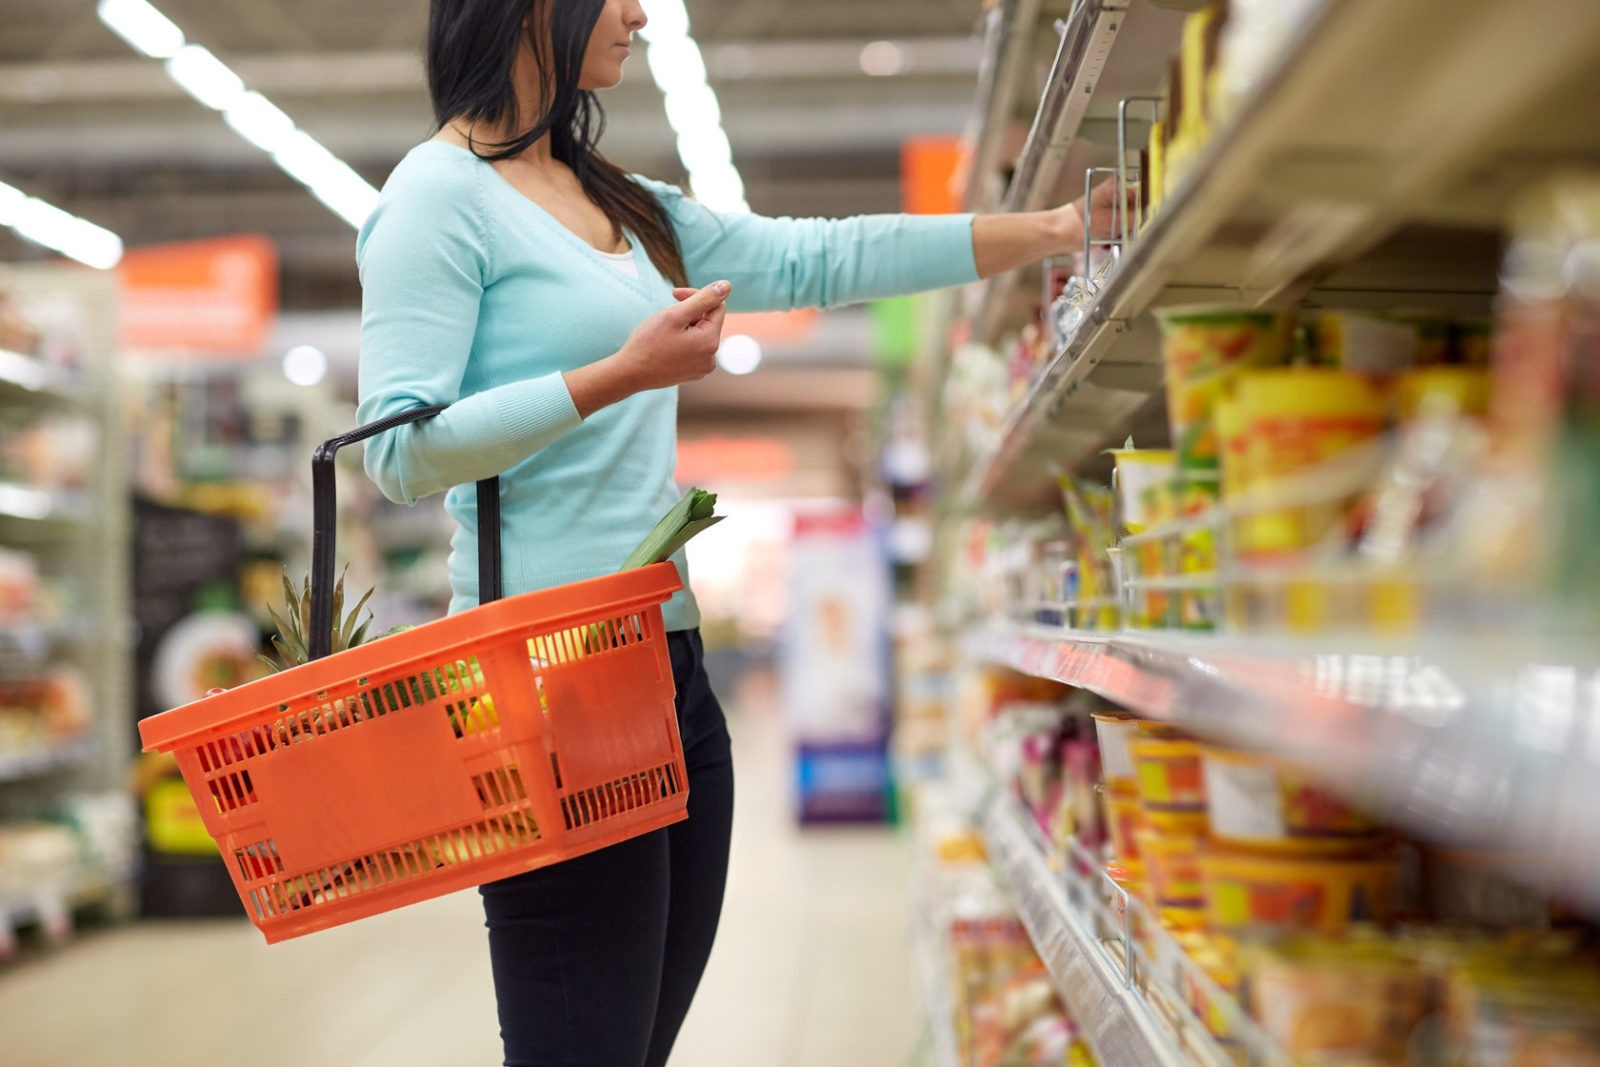 Неторопливые покупатели в магазинах. Вас они тоже раздражают?